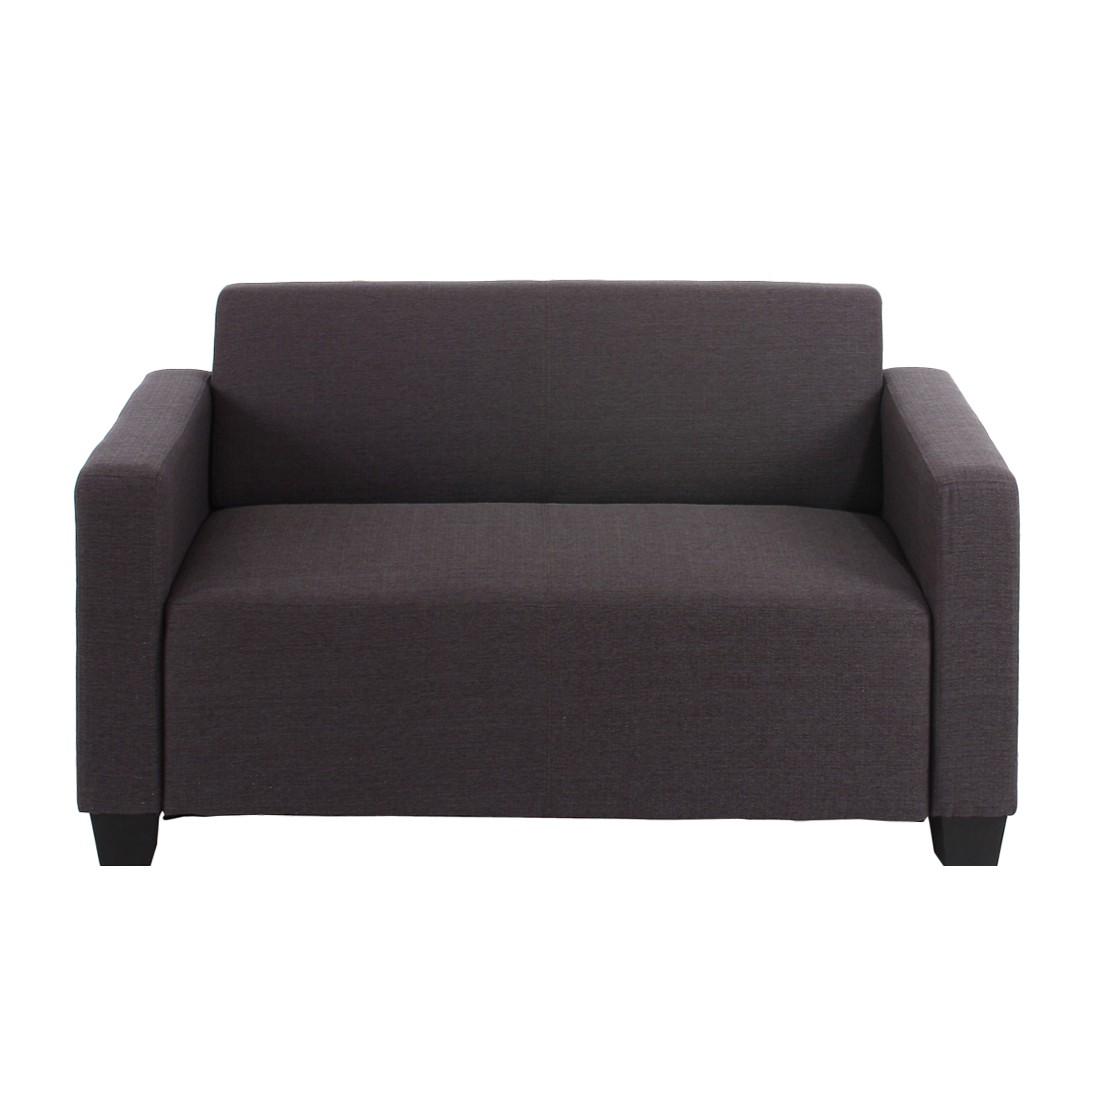 sofa lyon 2 sitzer anthrazit mendler g nstig online kaufen. Black Bedroom Furniture Sets. Home Design Ideas